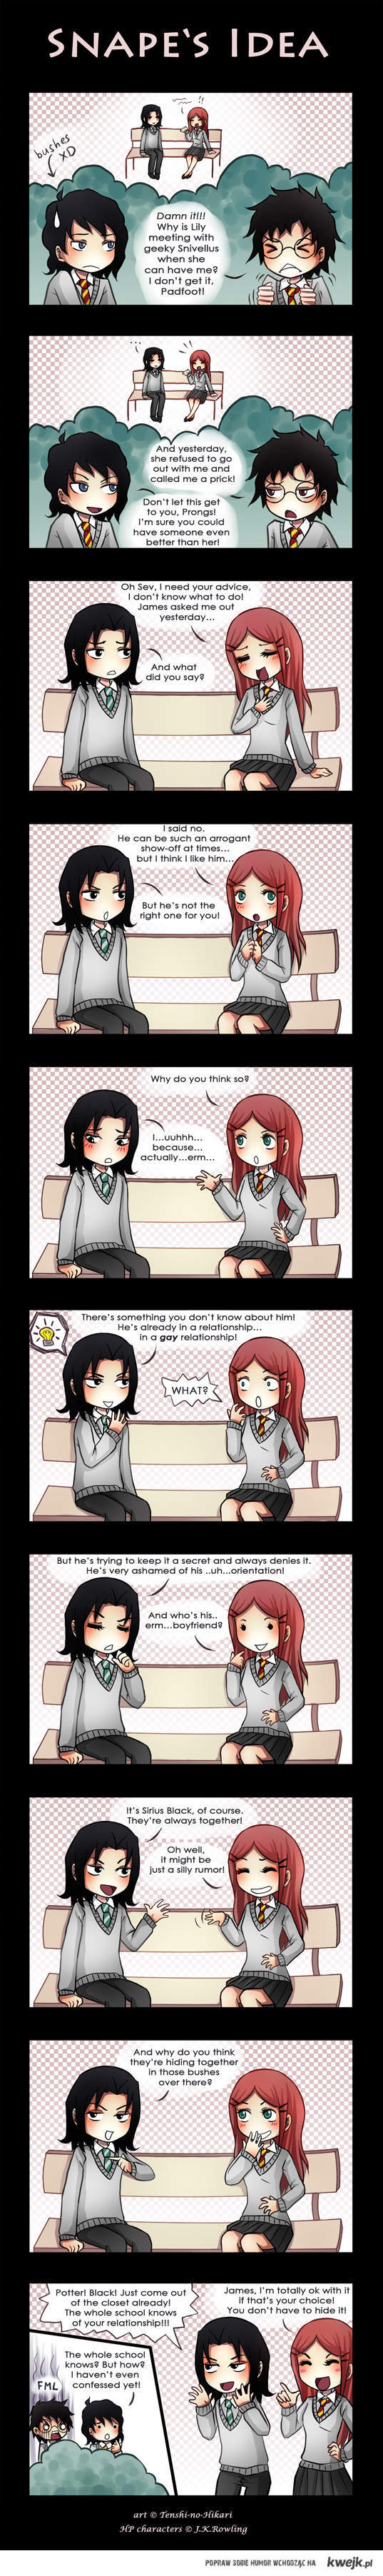 Snape's Idea